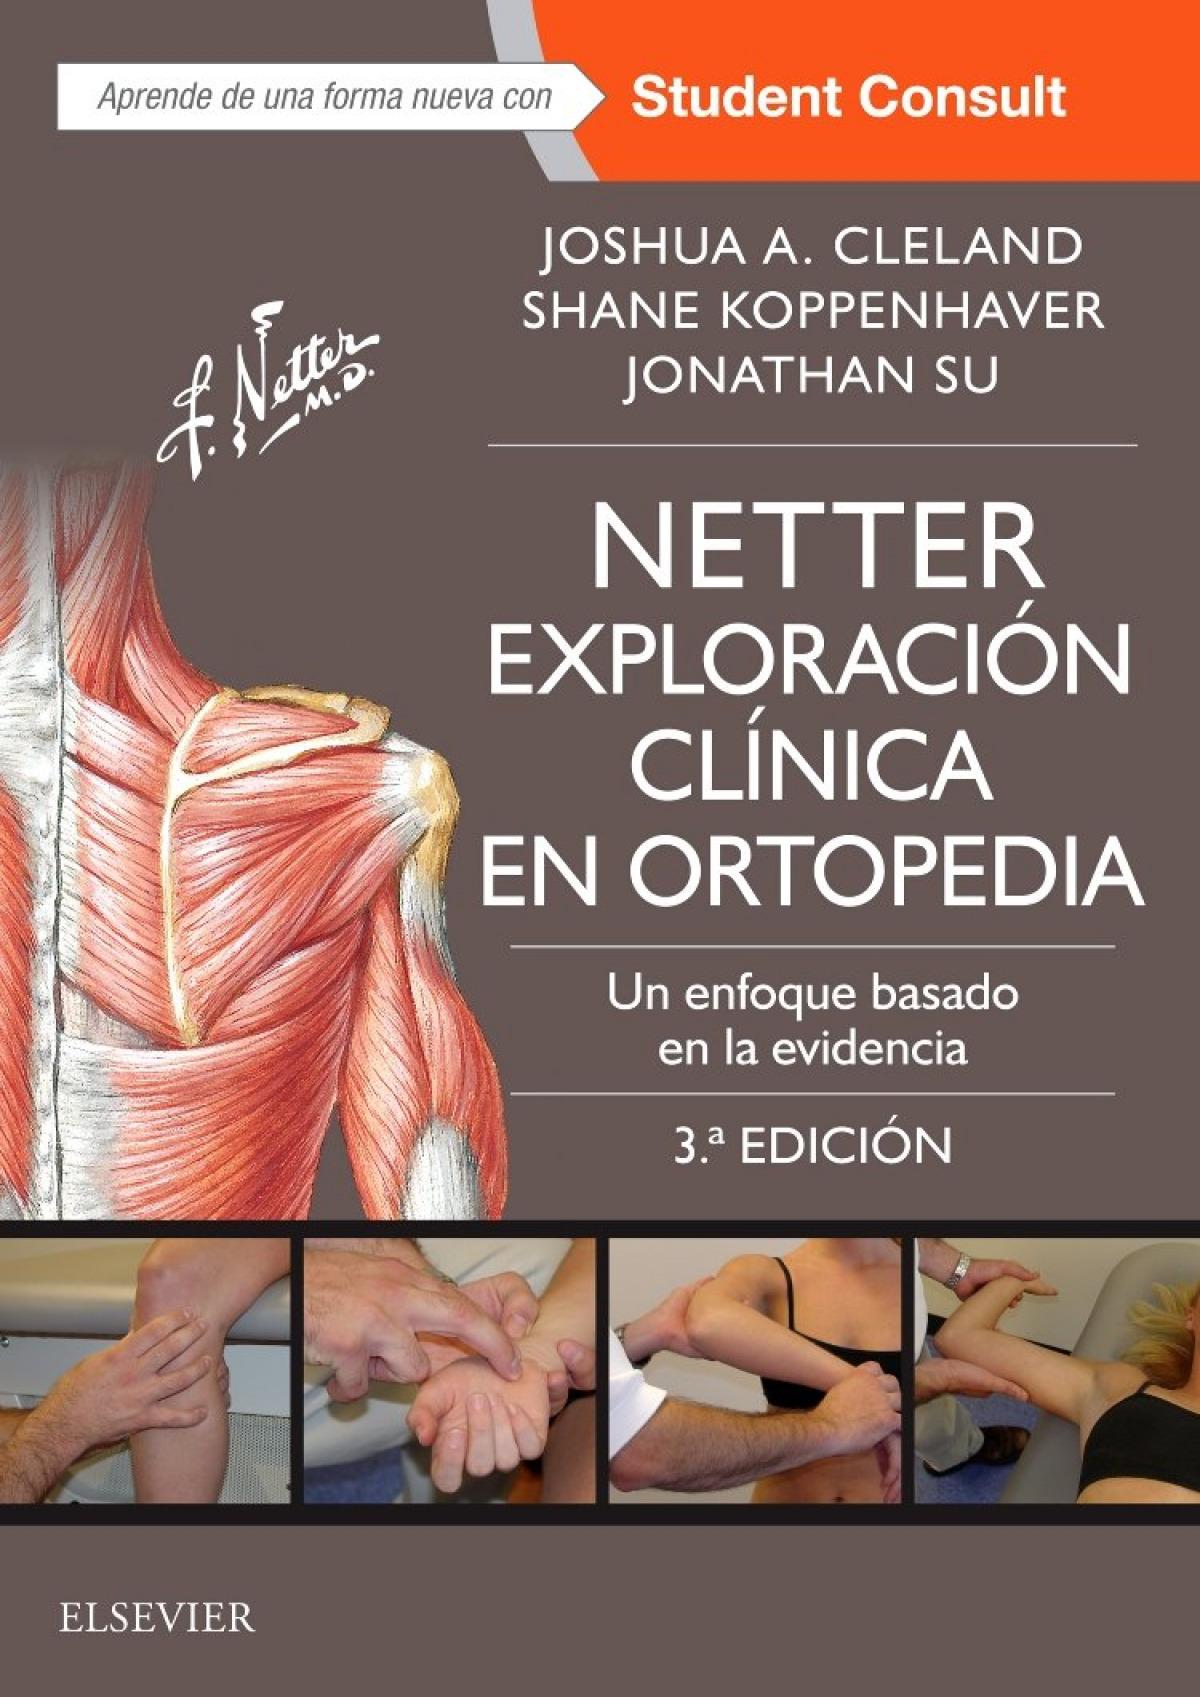 NETTER. EXPLORACIÓN CLÍNICA EN ORTOPEDIA